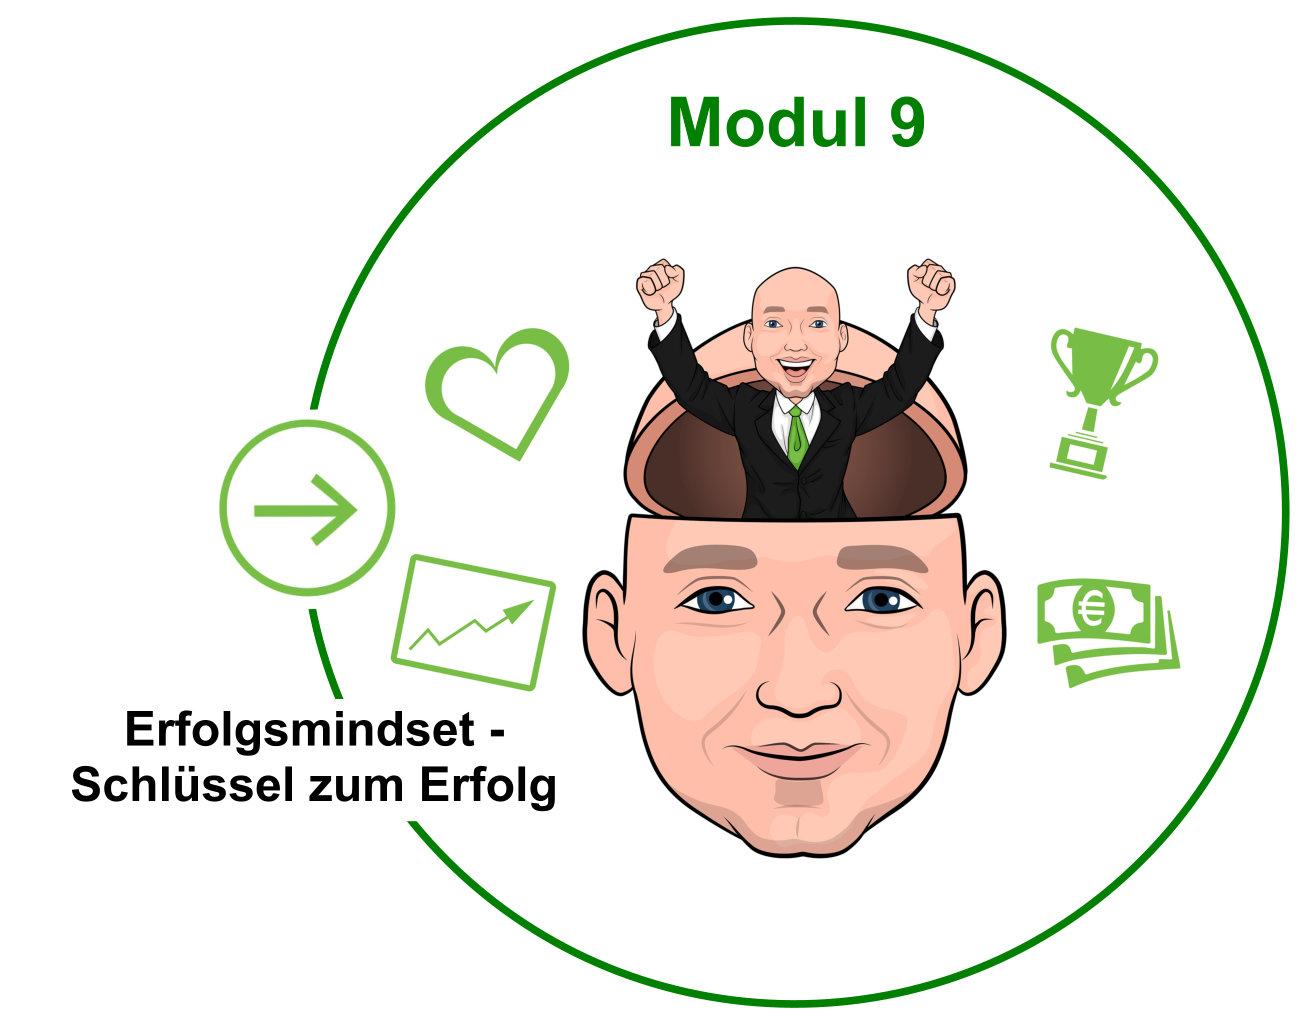 Modul 9 - Erfolgsmindset - Schlüssel zum Erfolg